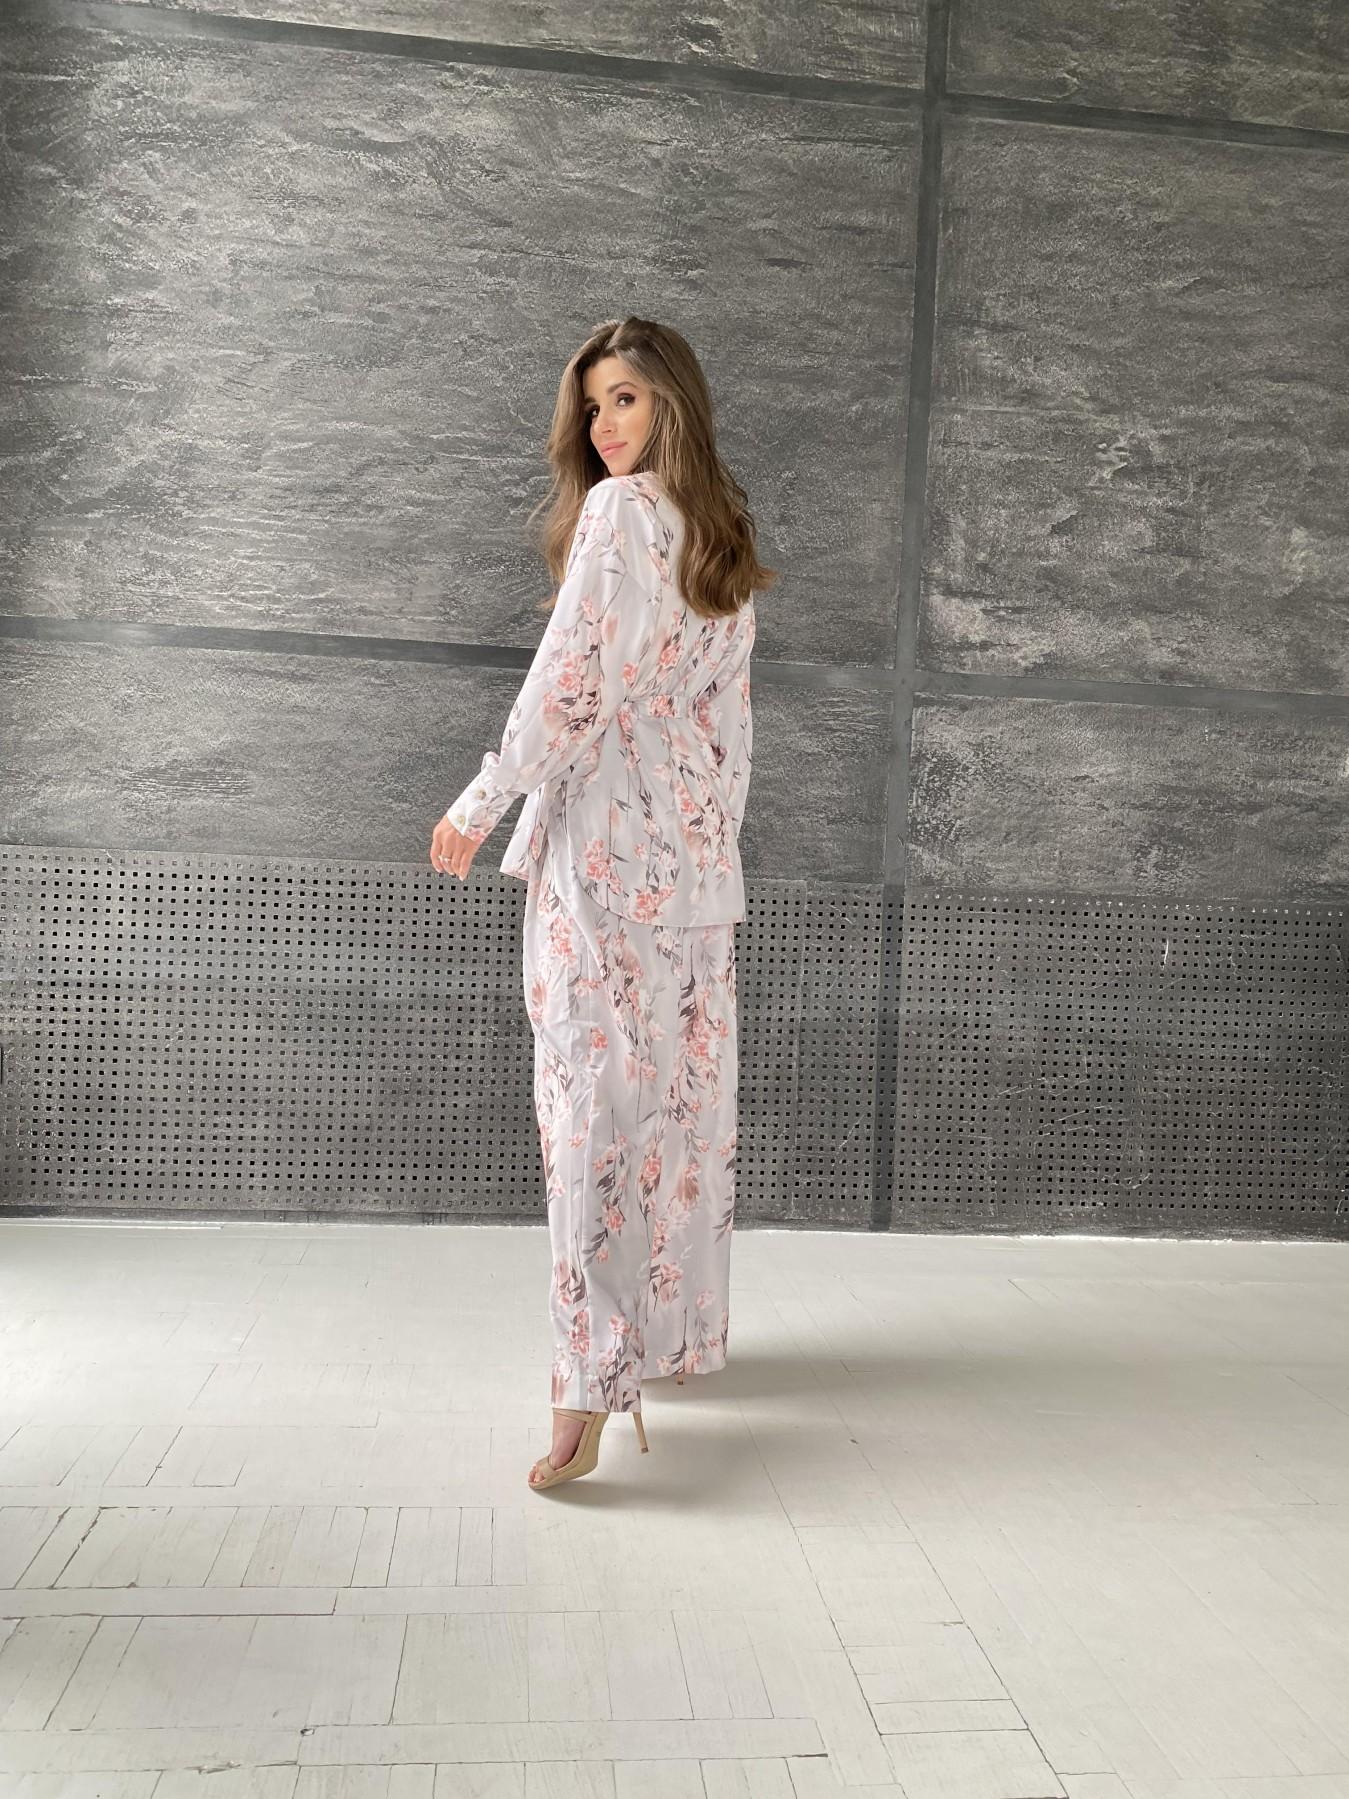 Колибри костюм софт с принтом 11244 АРТ. 48240 Цвет: Цветы на ветке серый/пудра - фото 4, интернет магазин tm-modus.ru